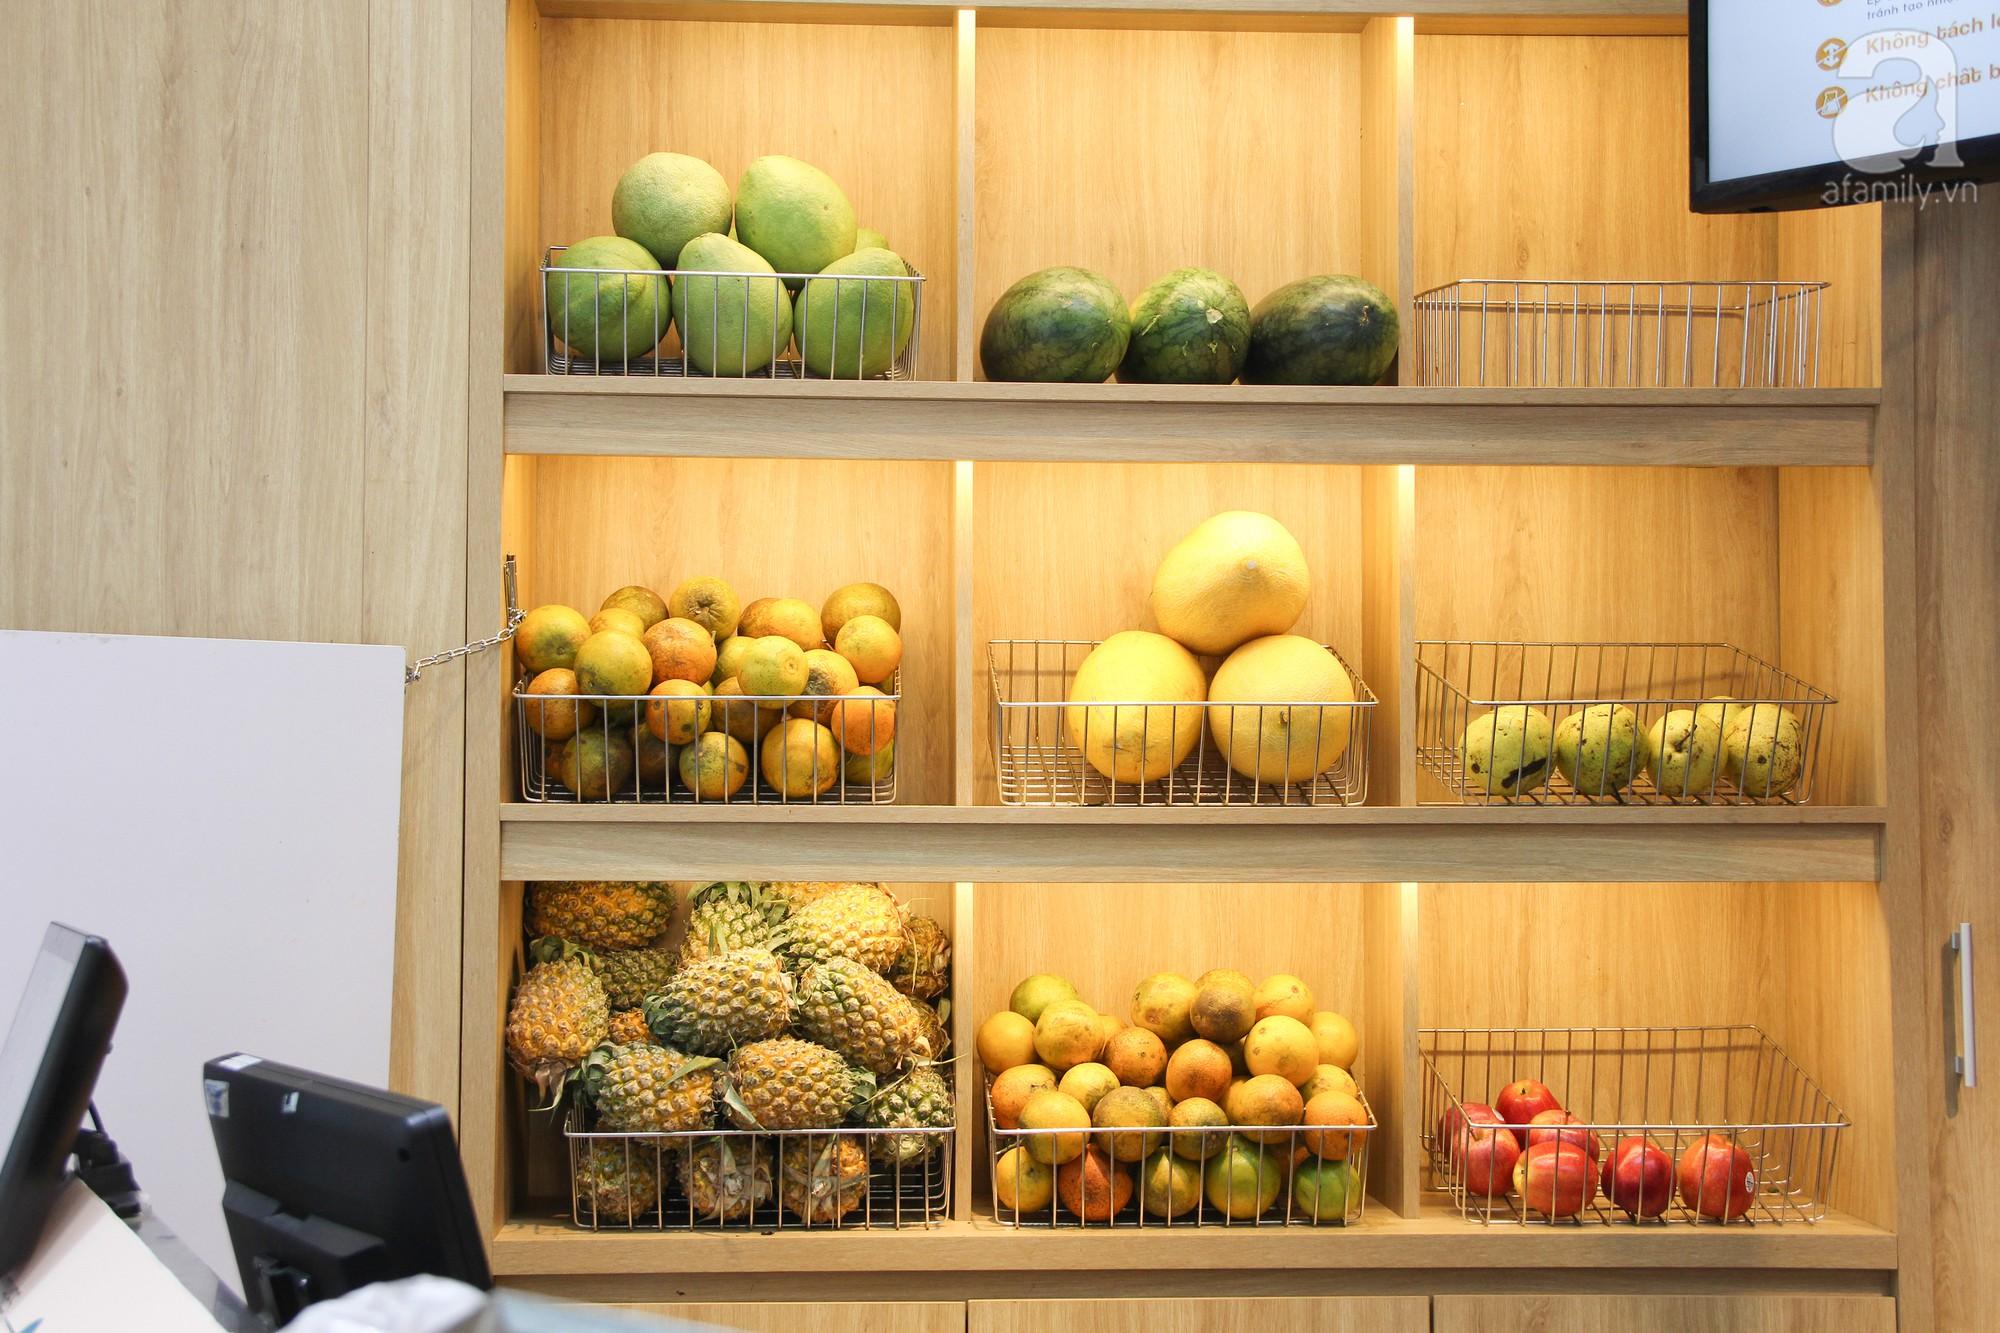 5 quán nước ép trái cây nguyên chất ngon, có dịch vụ giao hàng tận nơi cho những ngày Hà Nội nóng như đổ lửa  - Ảnh 3.